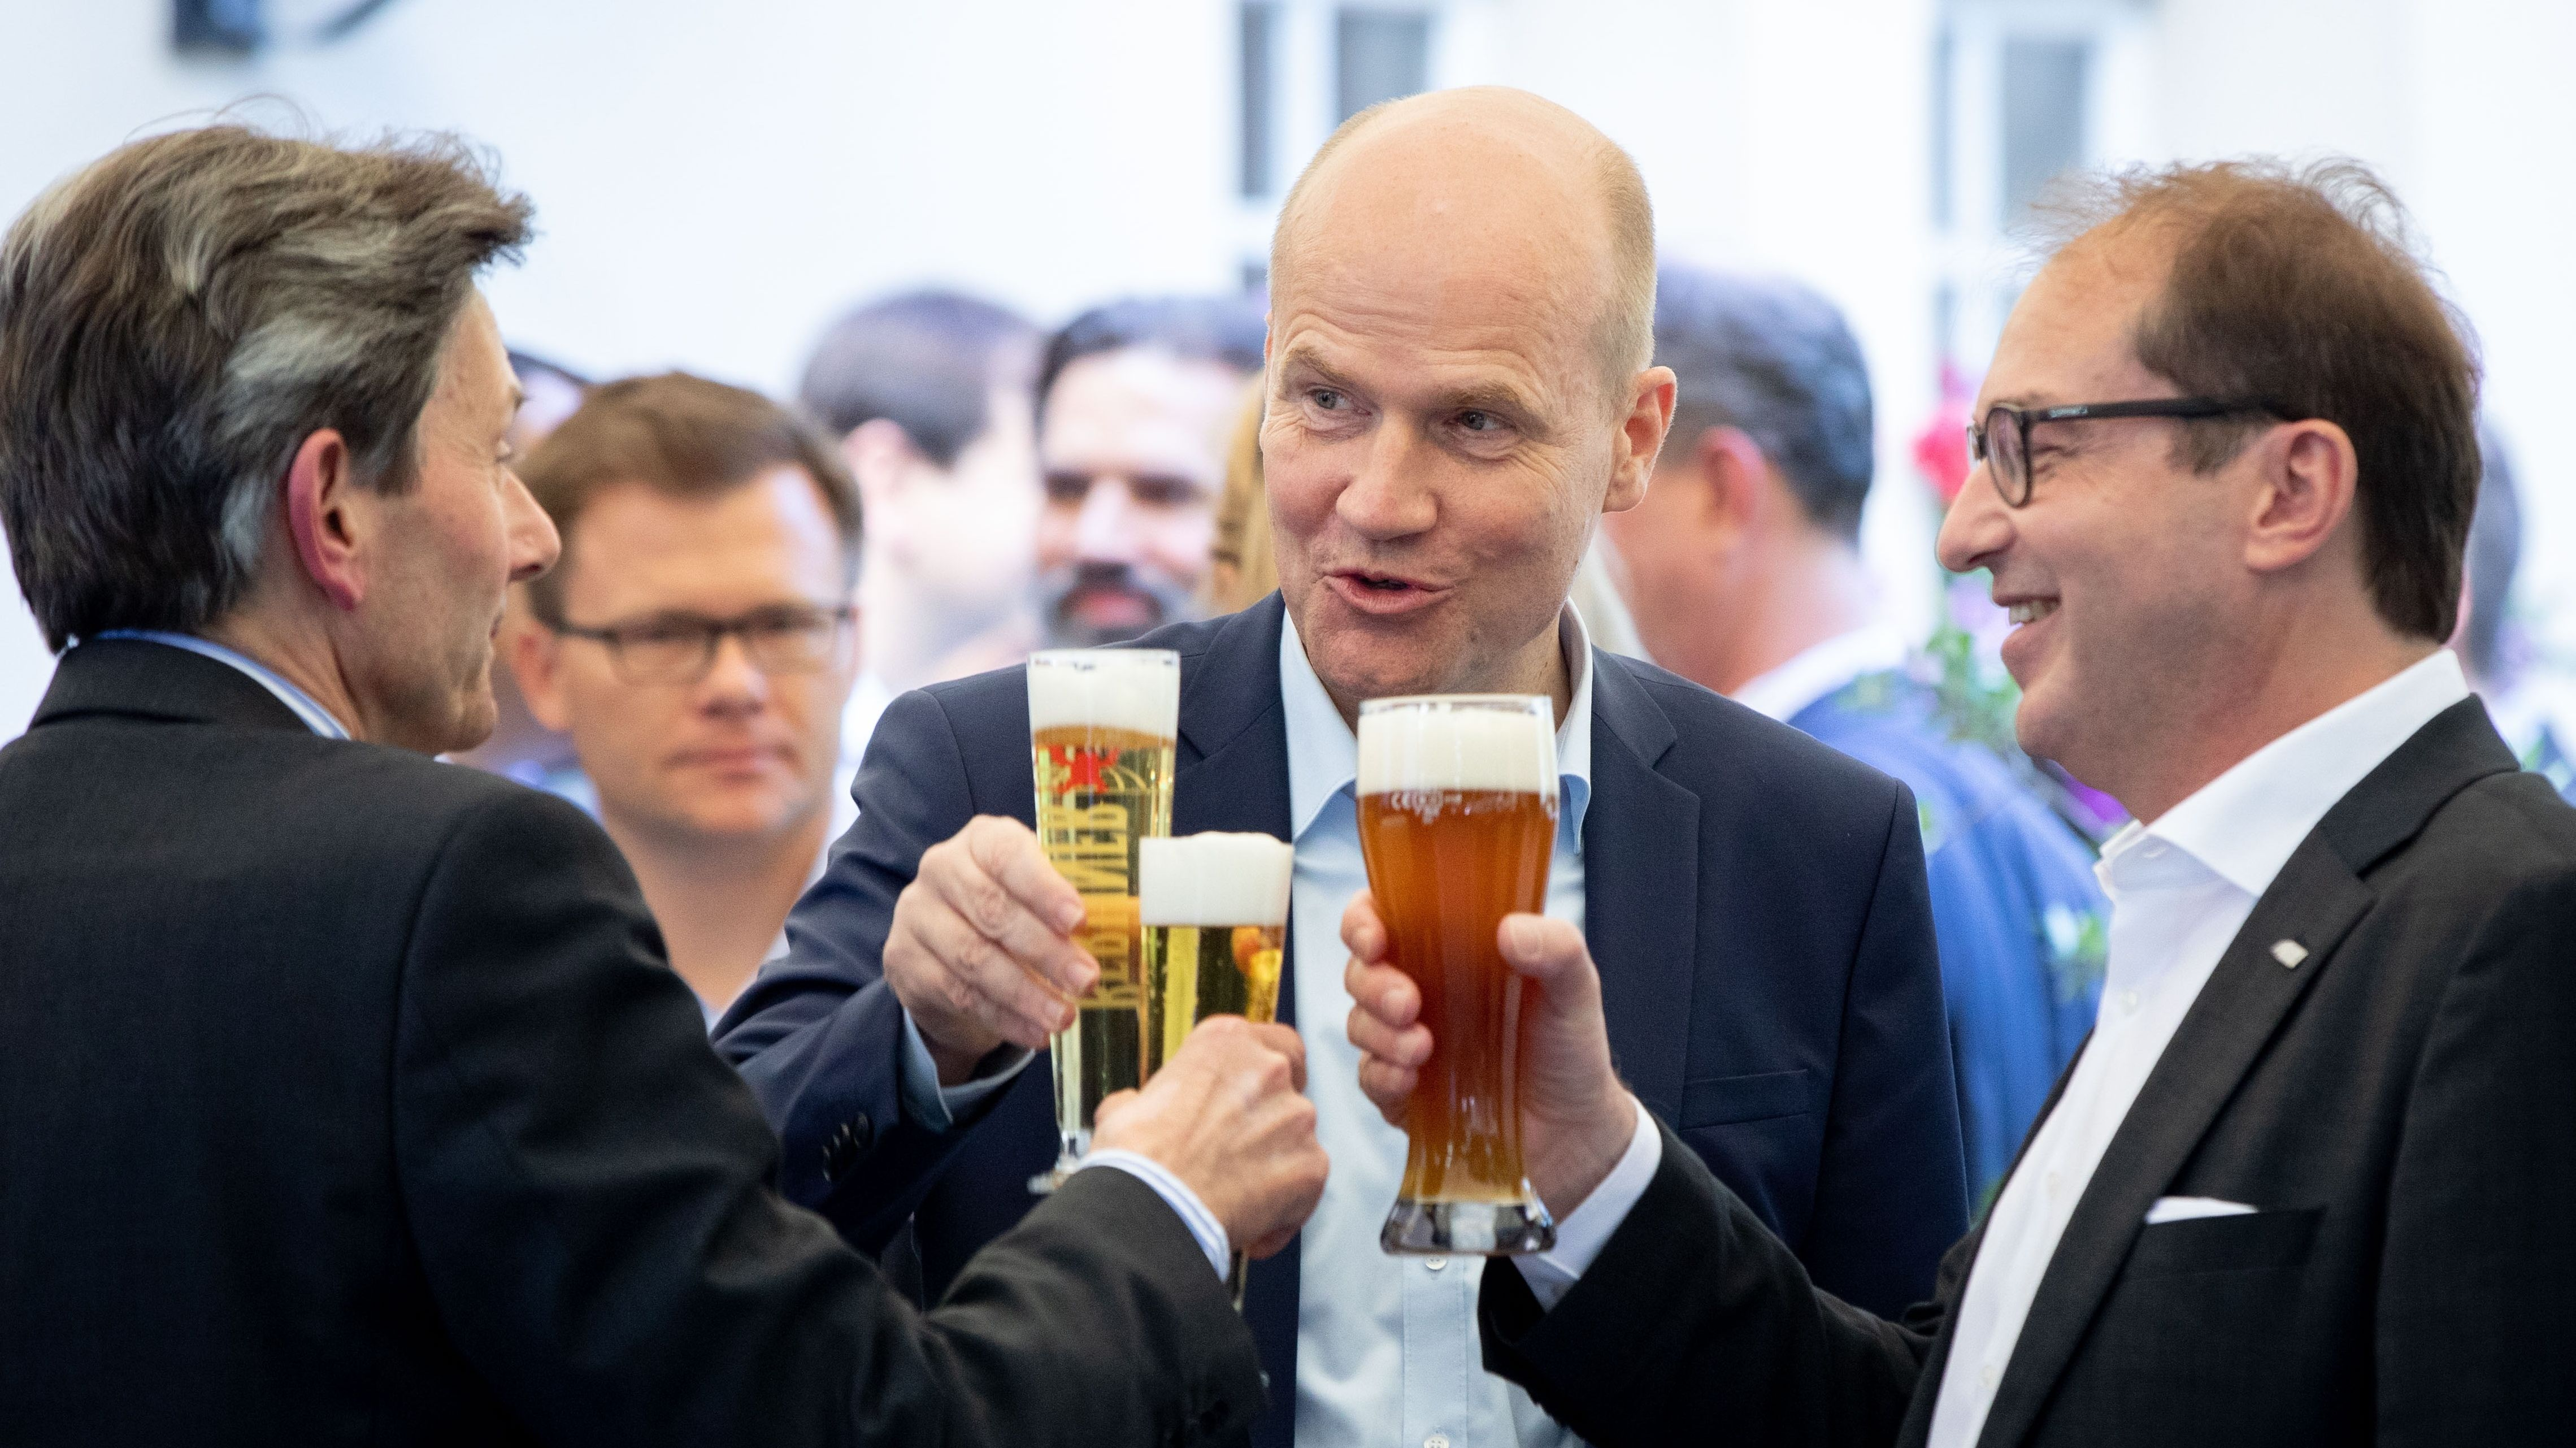 In den Regierungsparteien wächst der Wunsch nach gegenseitiger Abgrenzung – was kompliziert ist, wenn man zusammen regiert. Bis auf weiteres müssen Union und SPD gemeinsam Inhalte liefern. Doch wie viele Gemeinsamkeiten gibt es noch? Foto vom Auftakt der Klausur.